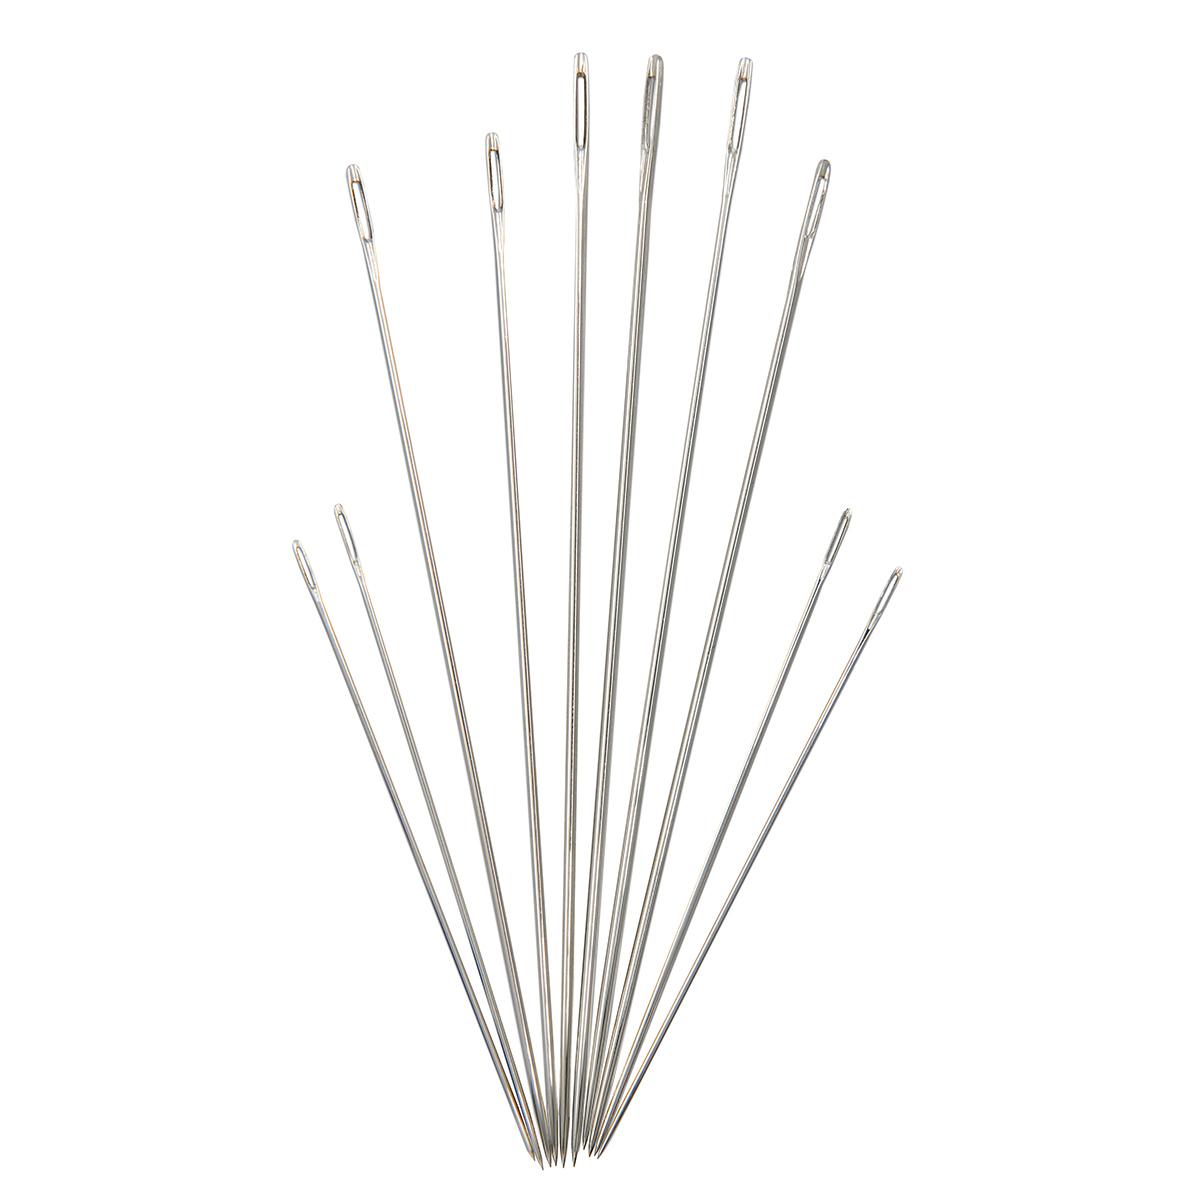 Иглы ручные для штопки тонкой нитью №1-9, 10шт. 120112, Hobby&Pro